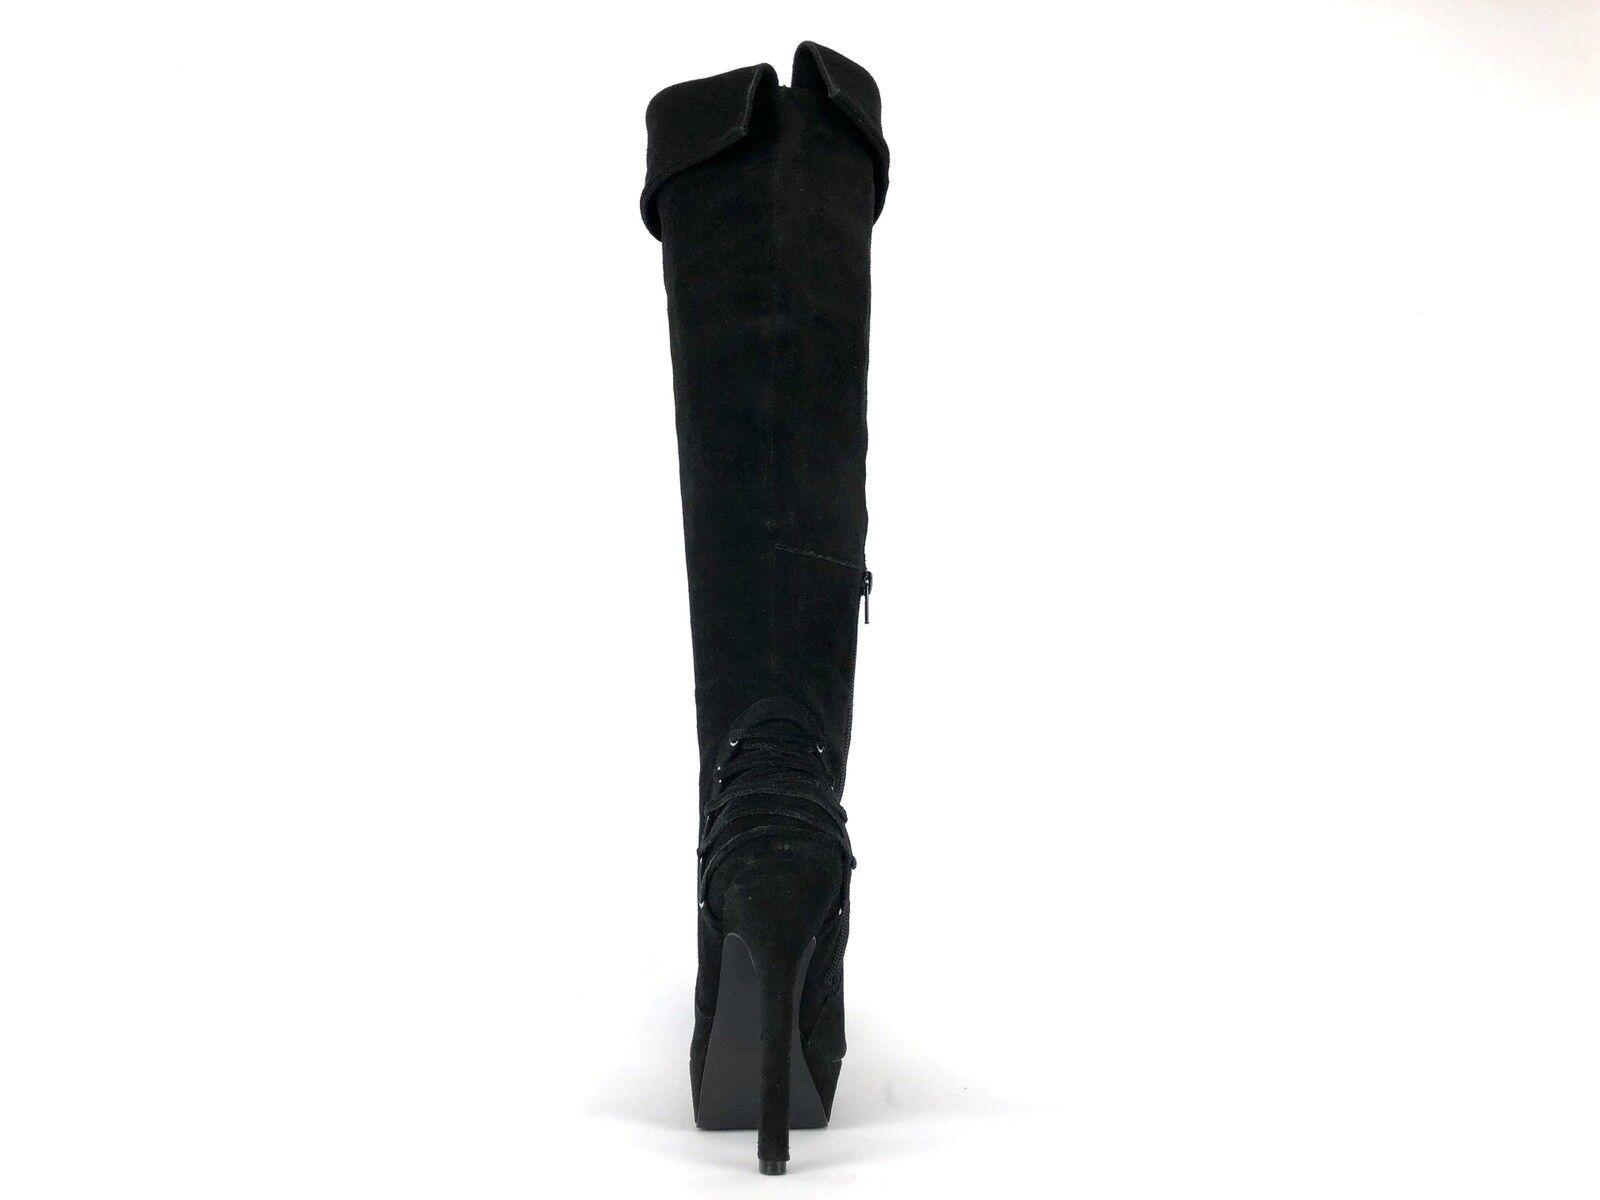 Gabriella Rocha Rocha Rocha Women's Black Leather Suede Ramsie Zip Boots Size 7 ec4612